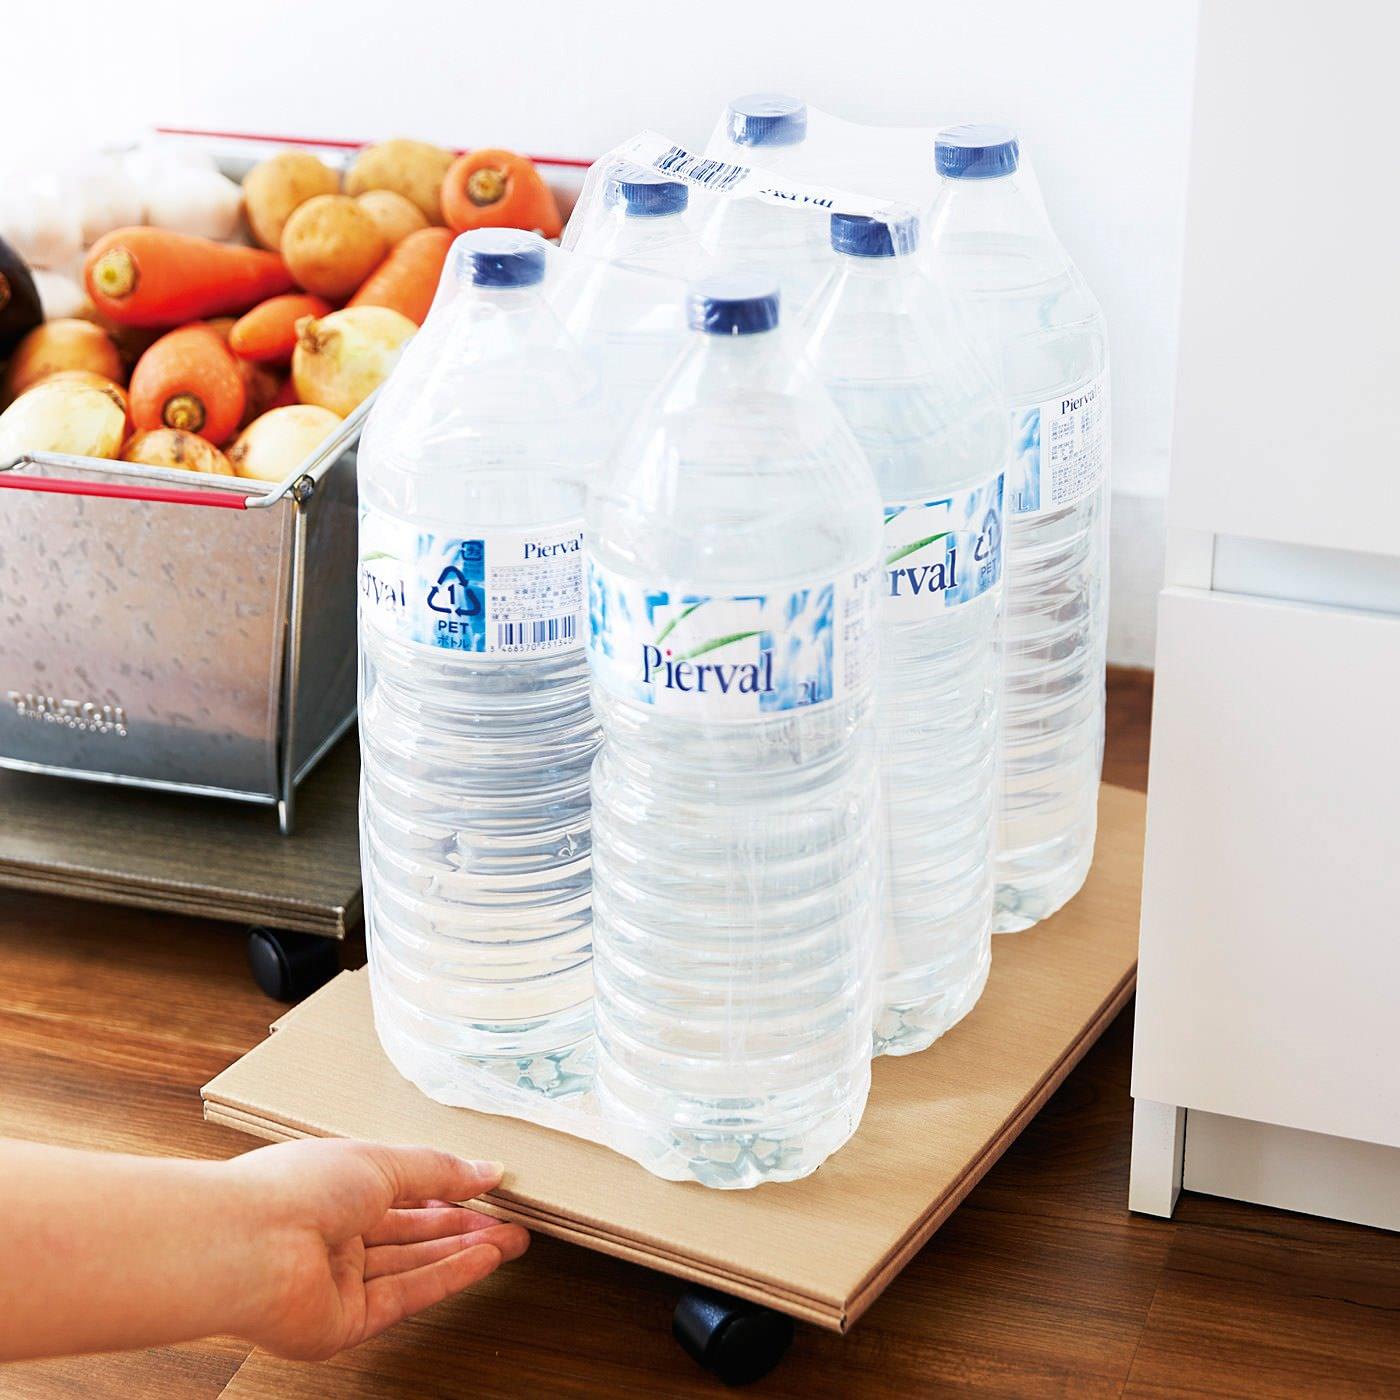 12kgまでOK! 食品や飲料ストックなど、重たい物をのせて、台車代わりにも使えます。